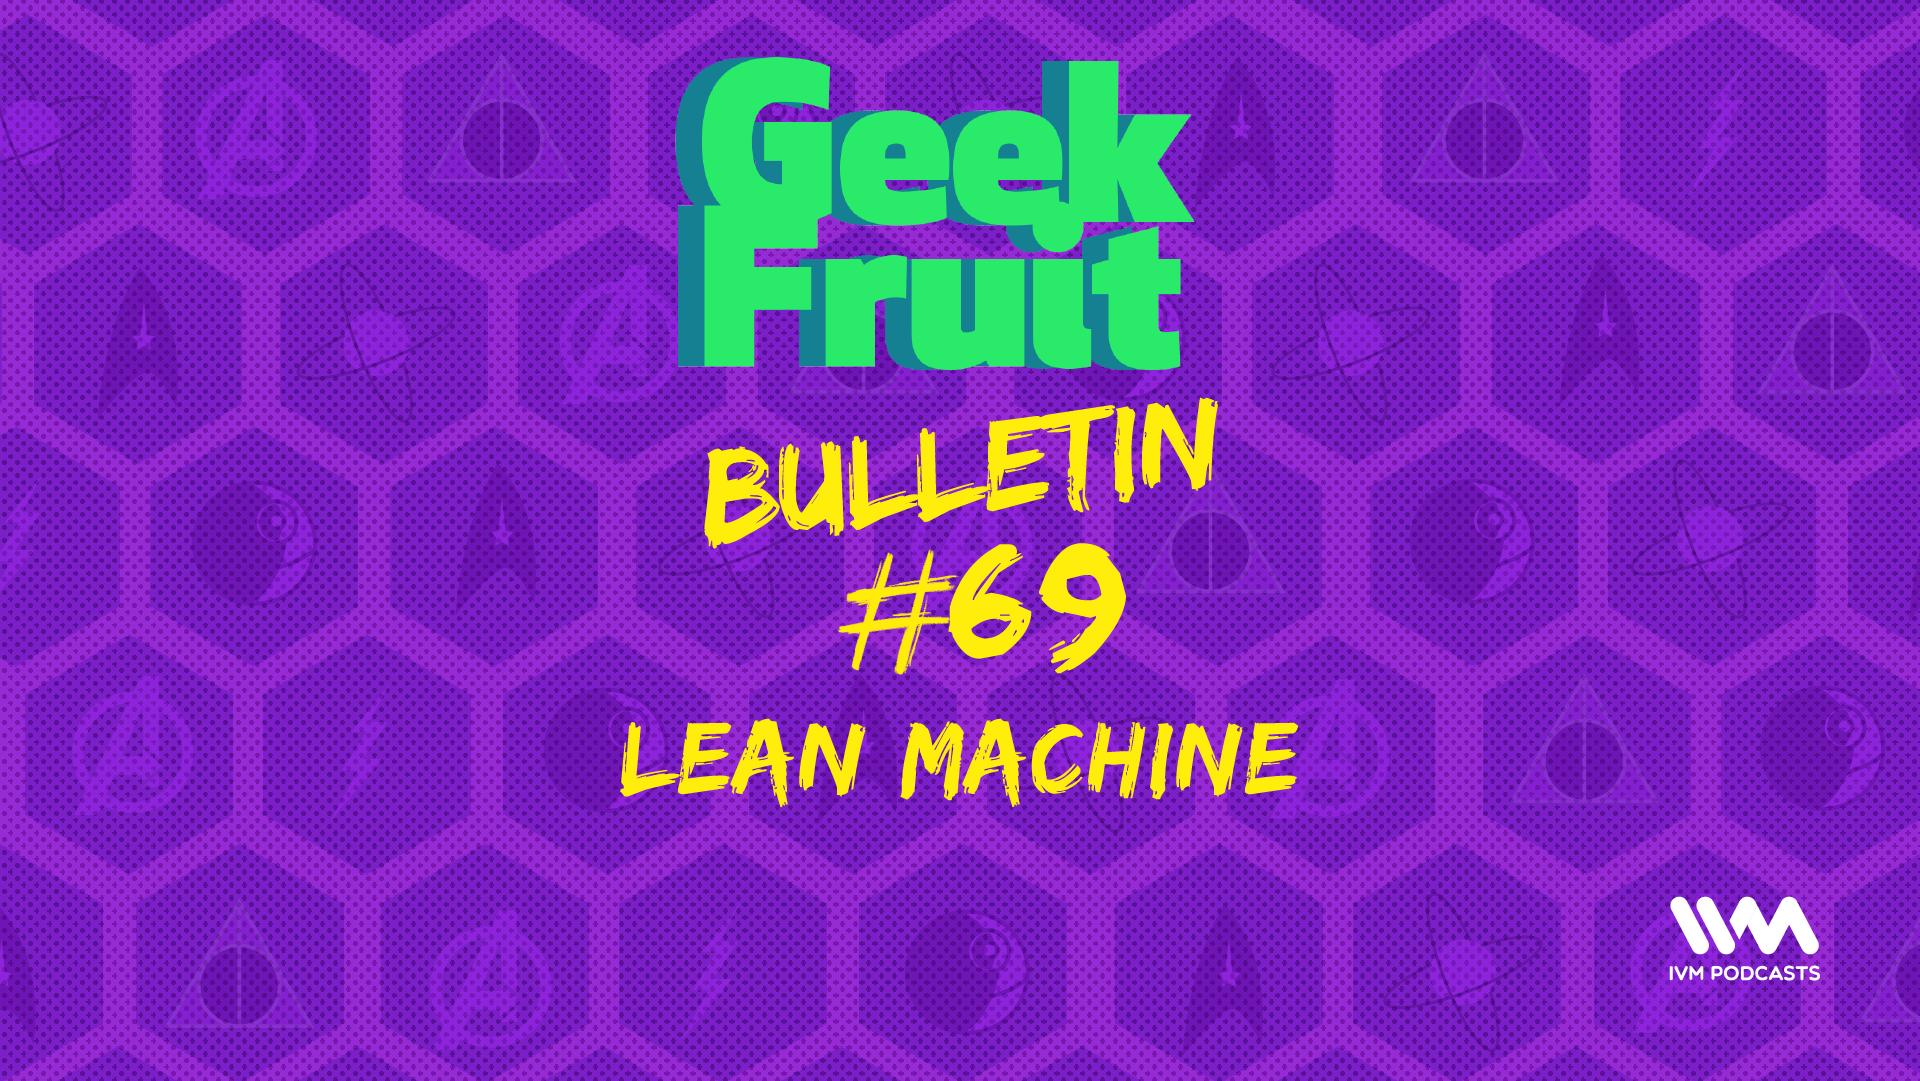 GeekfruitBulletinEp255.png